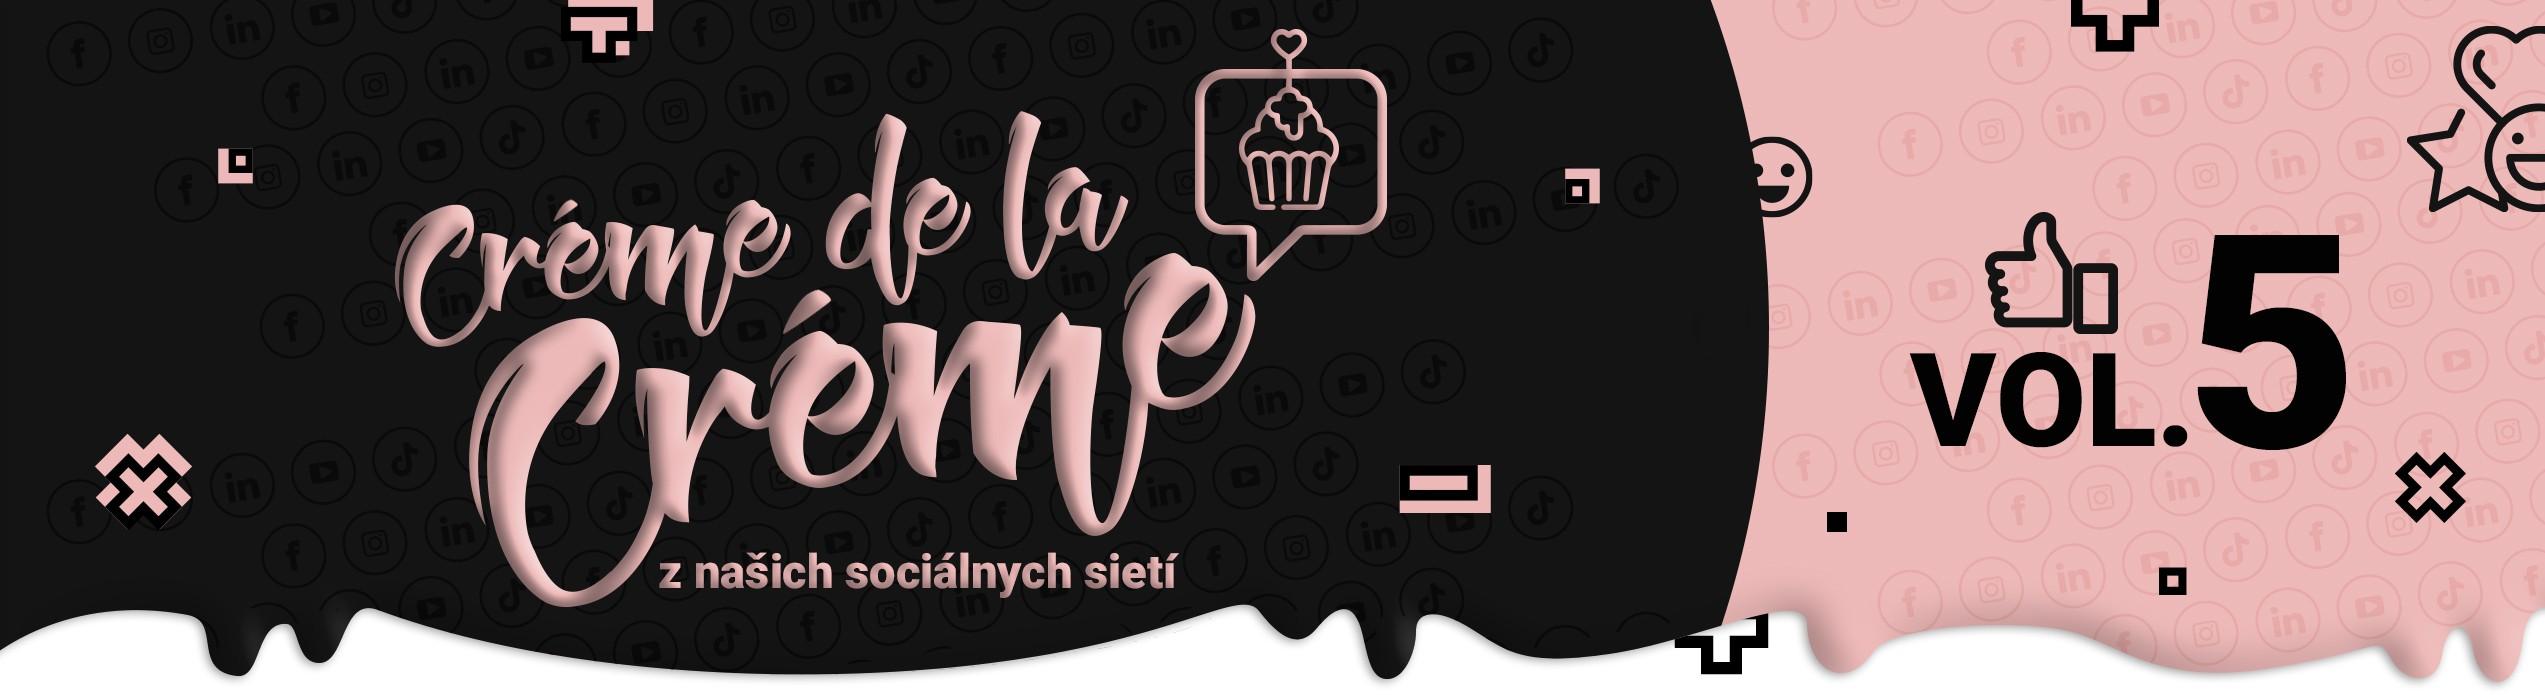 Social Créme de la créme VOL.5 - Blackout, CSR a 1.apríl